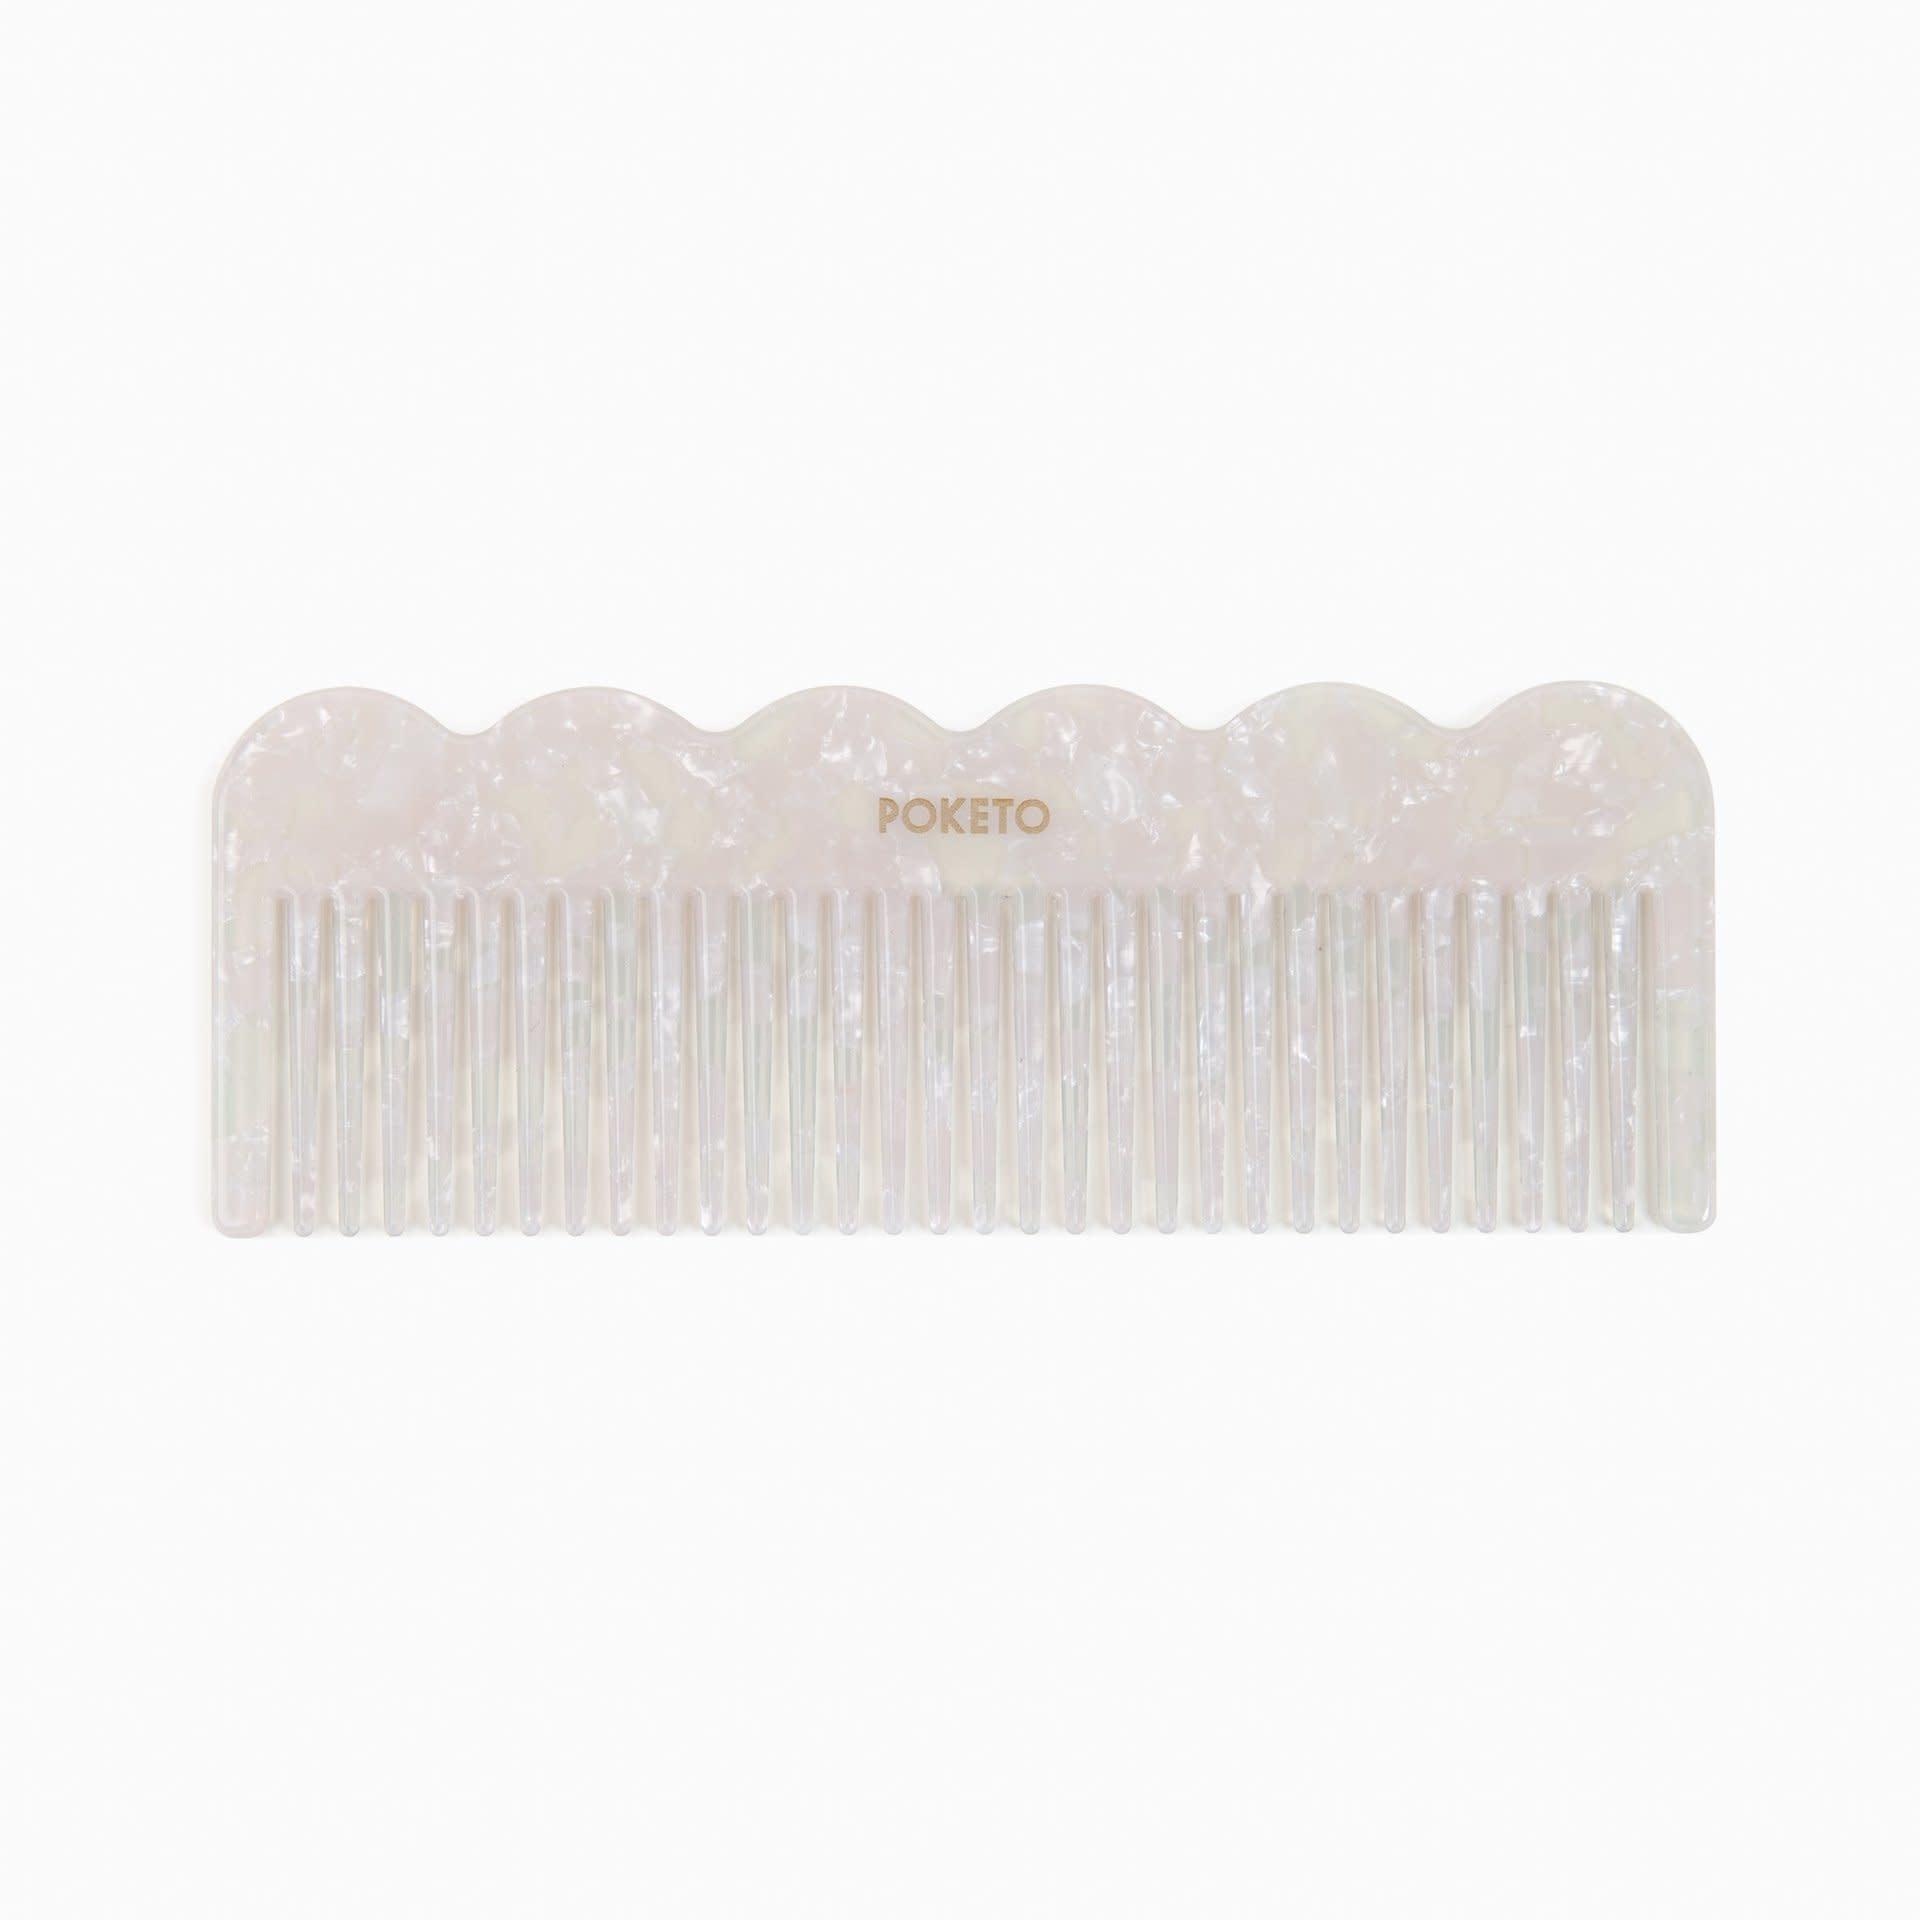 Poketo Pearl Wavy Comb